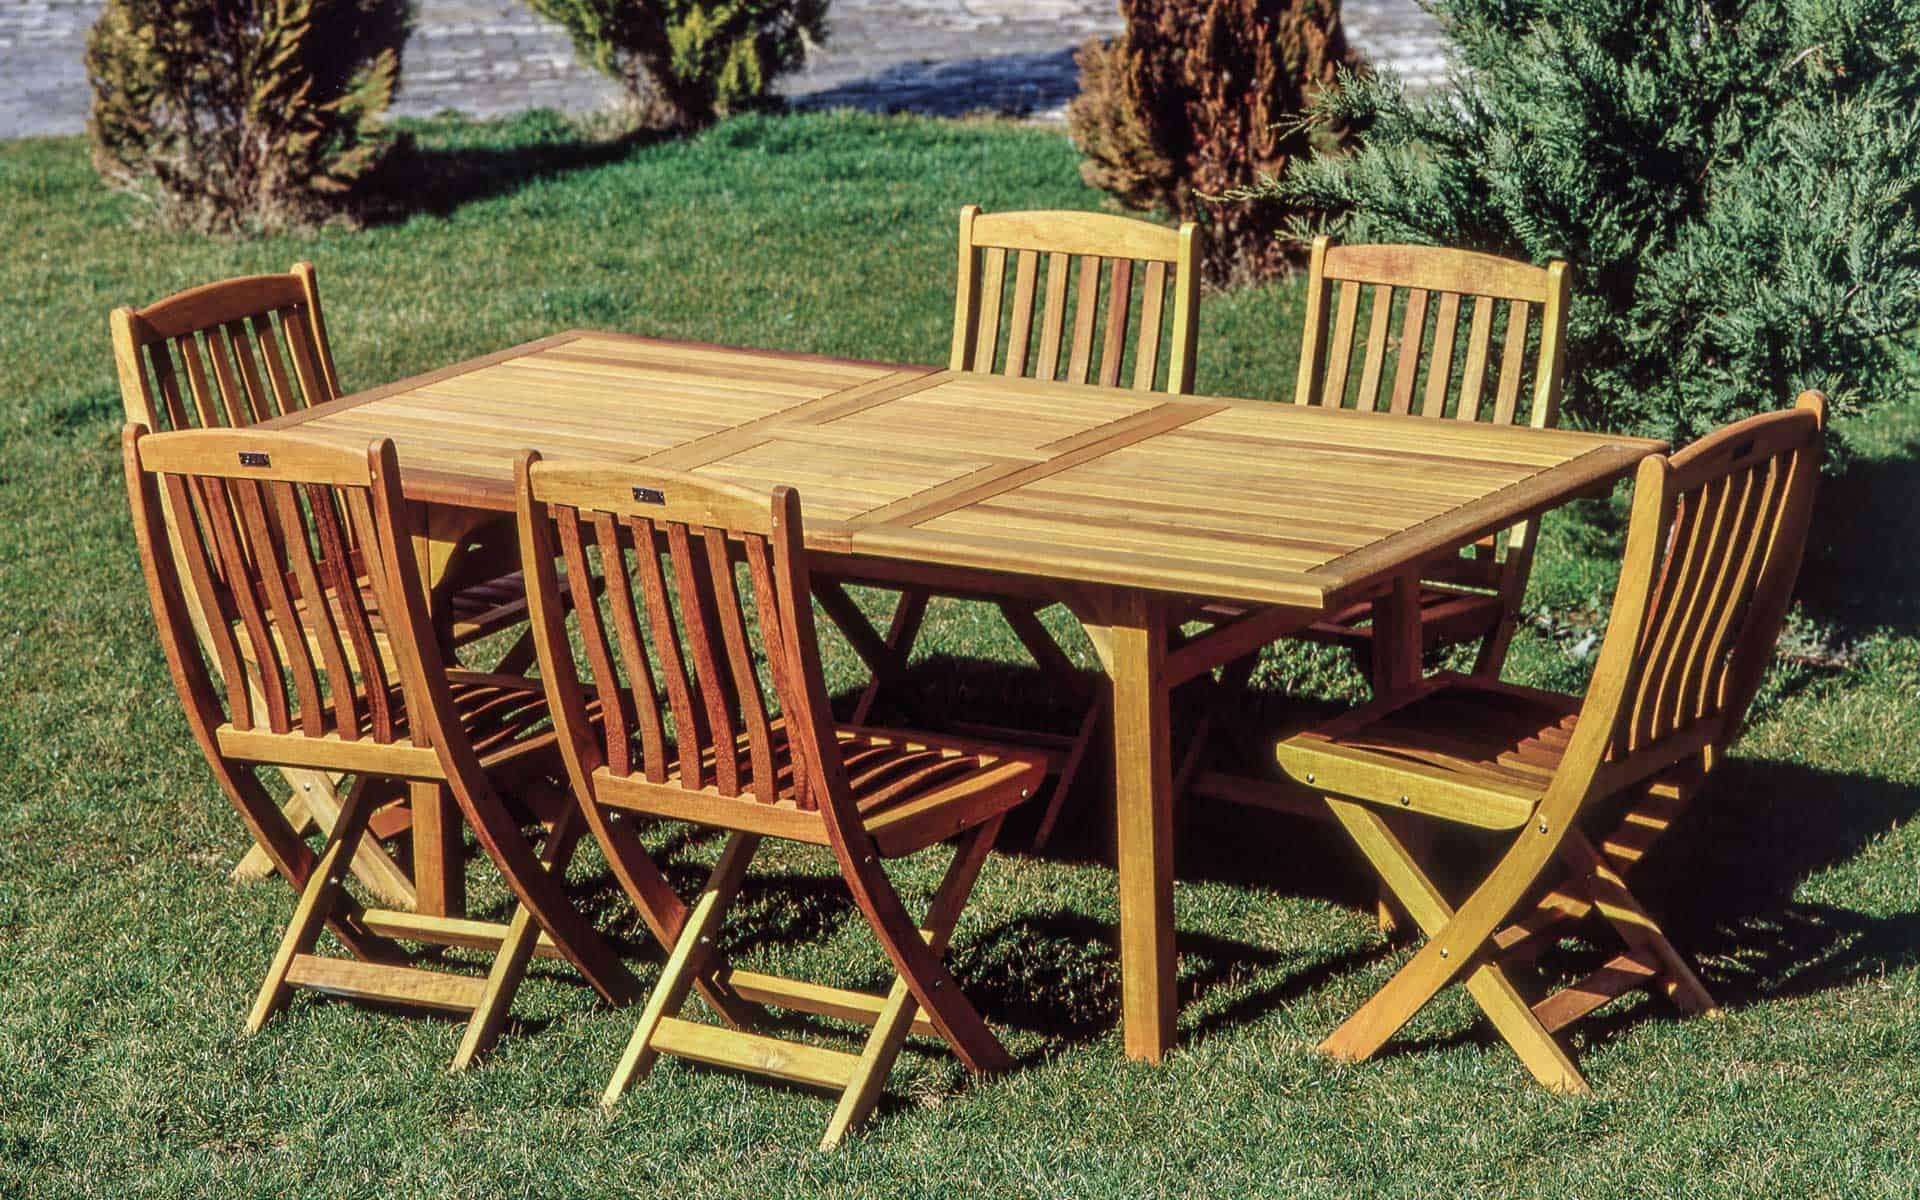 Gartenmöbel und Holzmobiliar streichen